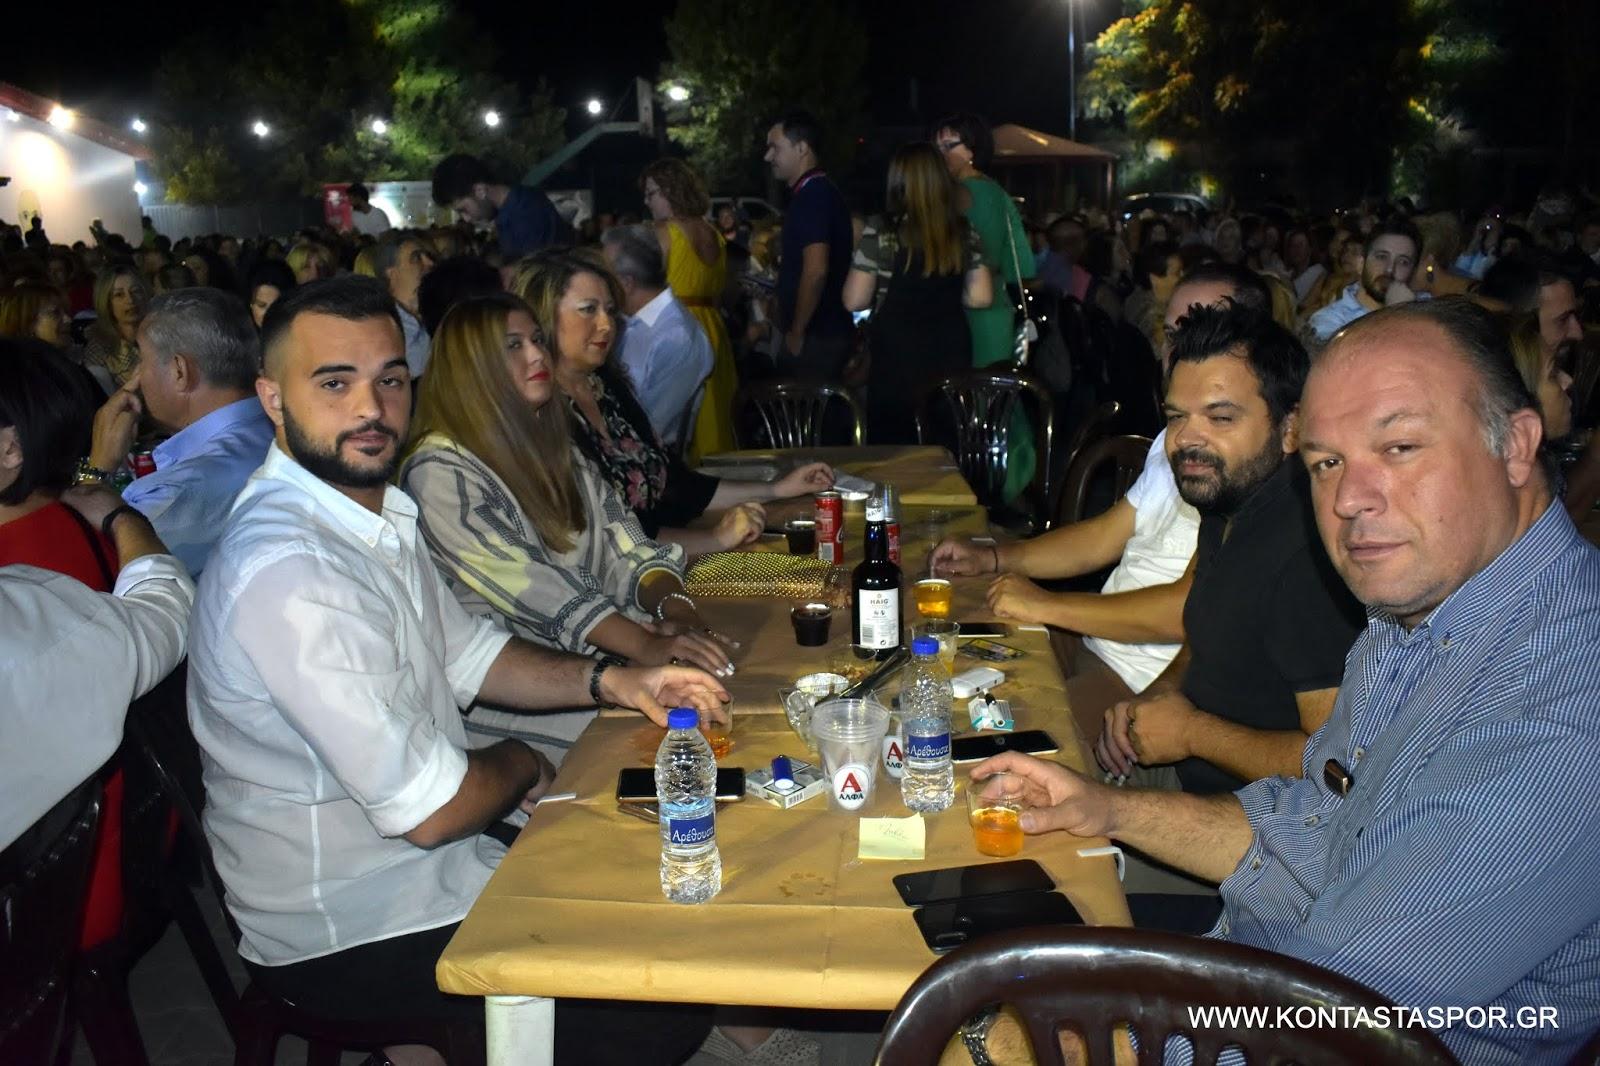 Με επιτυχία η λαική βραδιά  Αδαμαντίδη στα Ψαχνά (φωτογραφίες) 1 DSC 0009